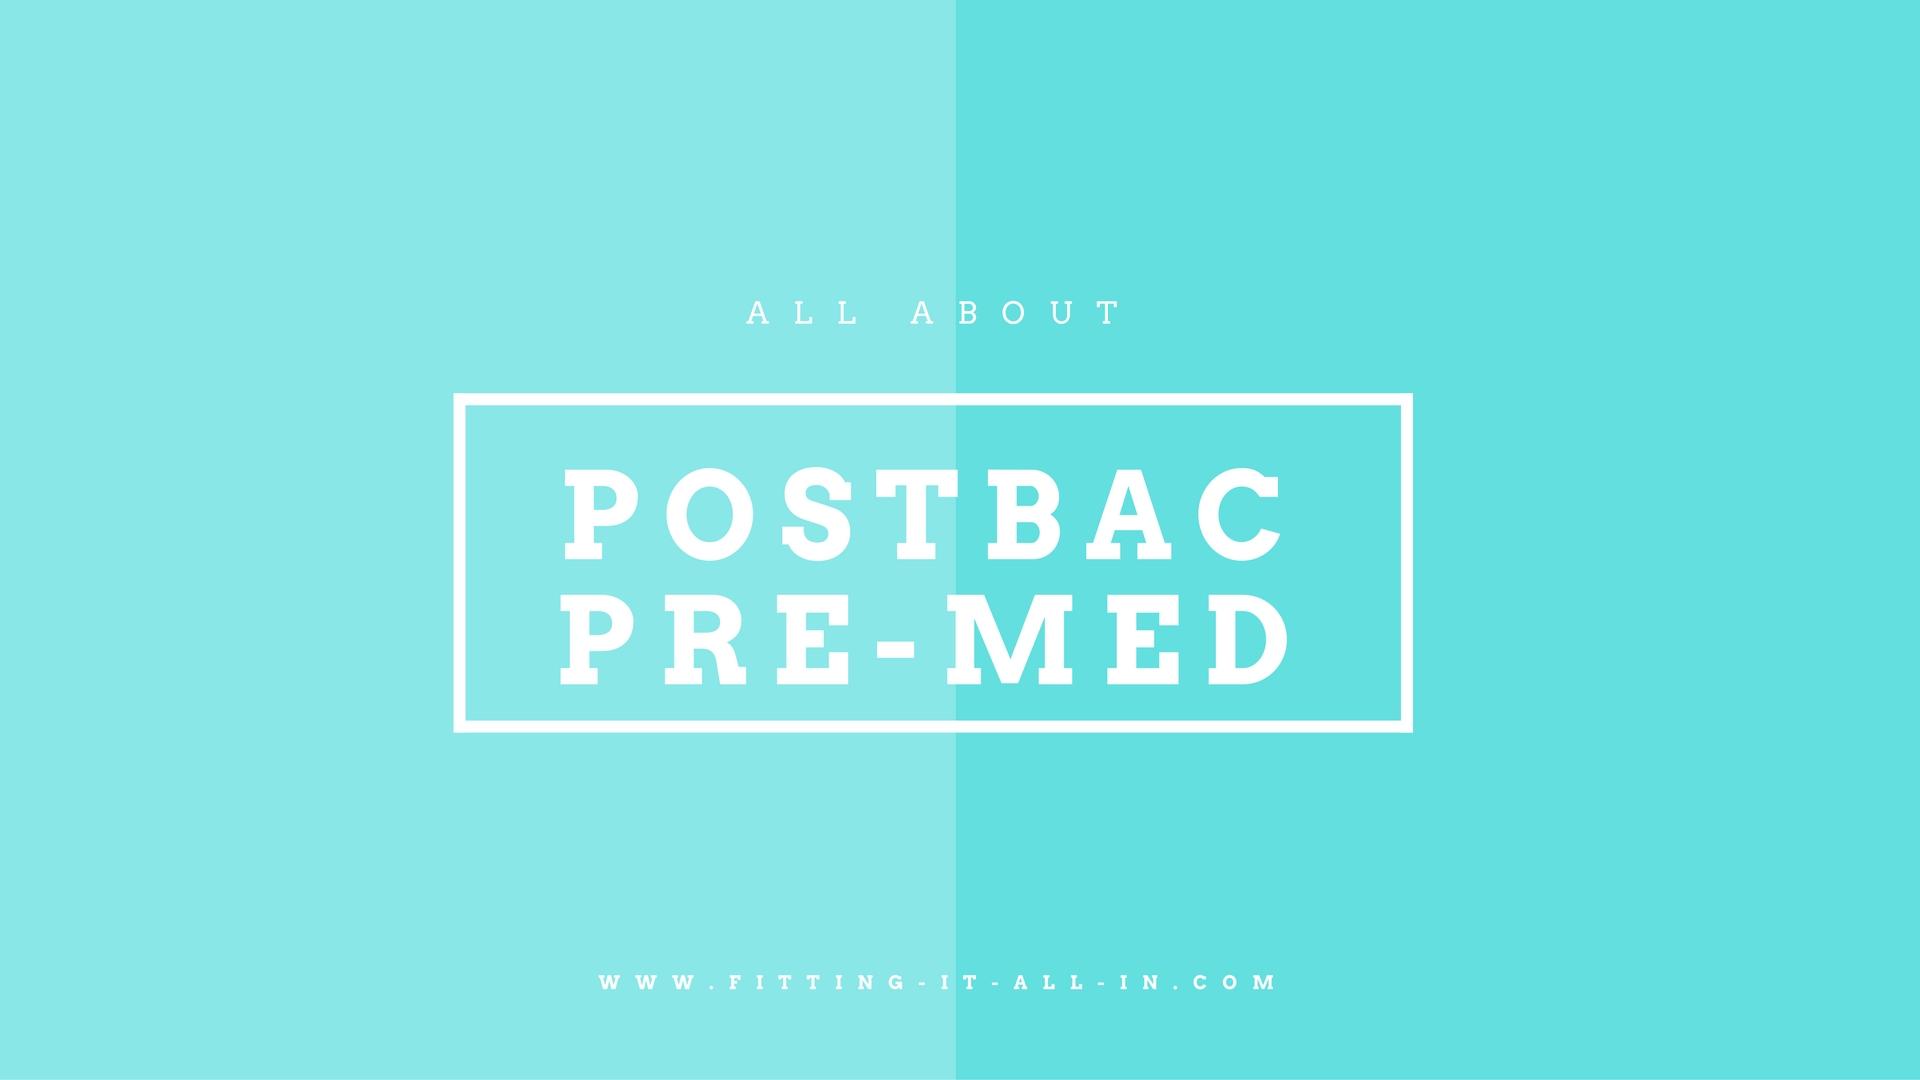 Postbac Pre-Med Programs